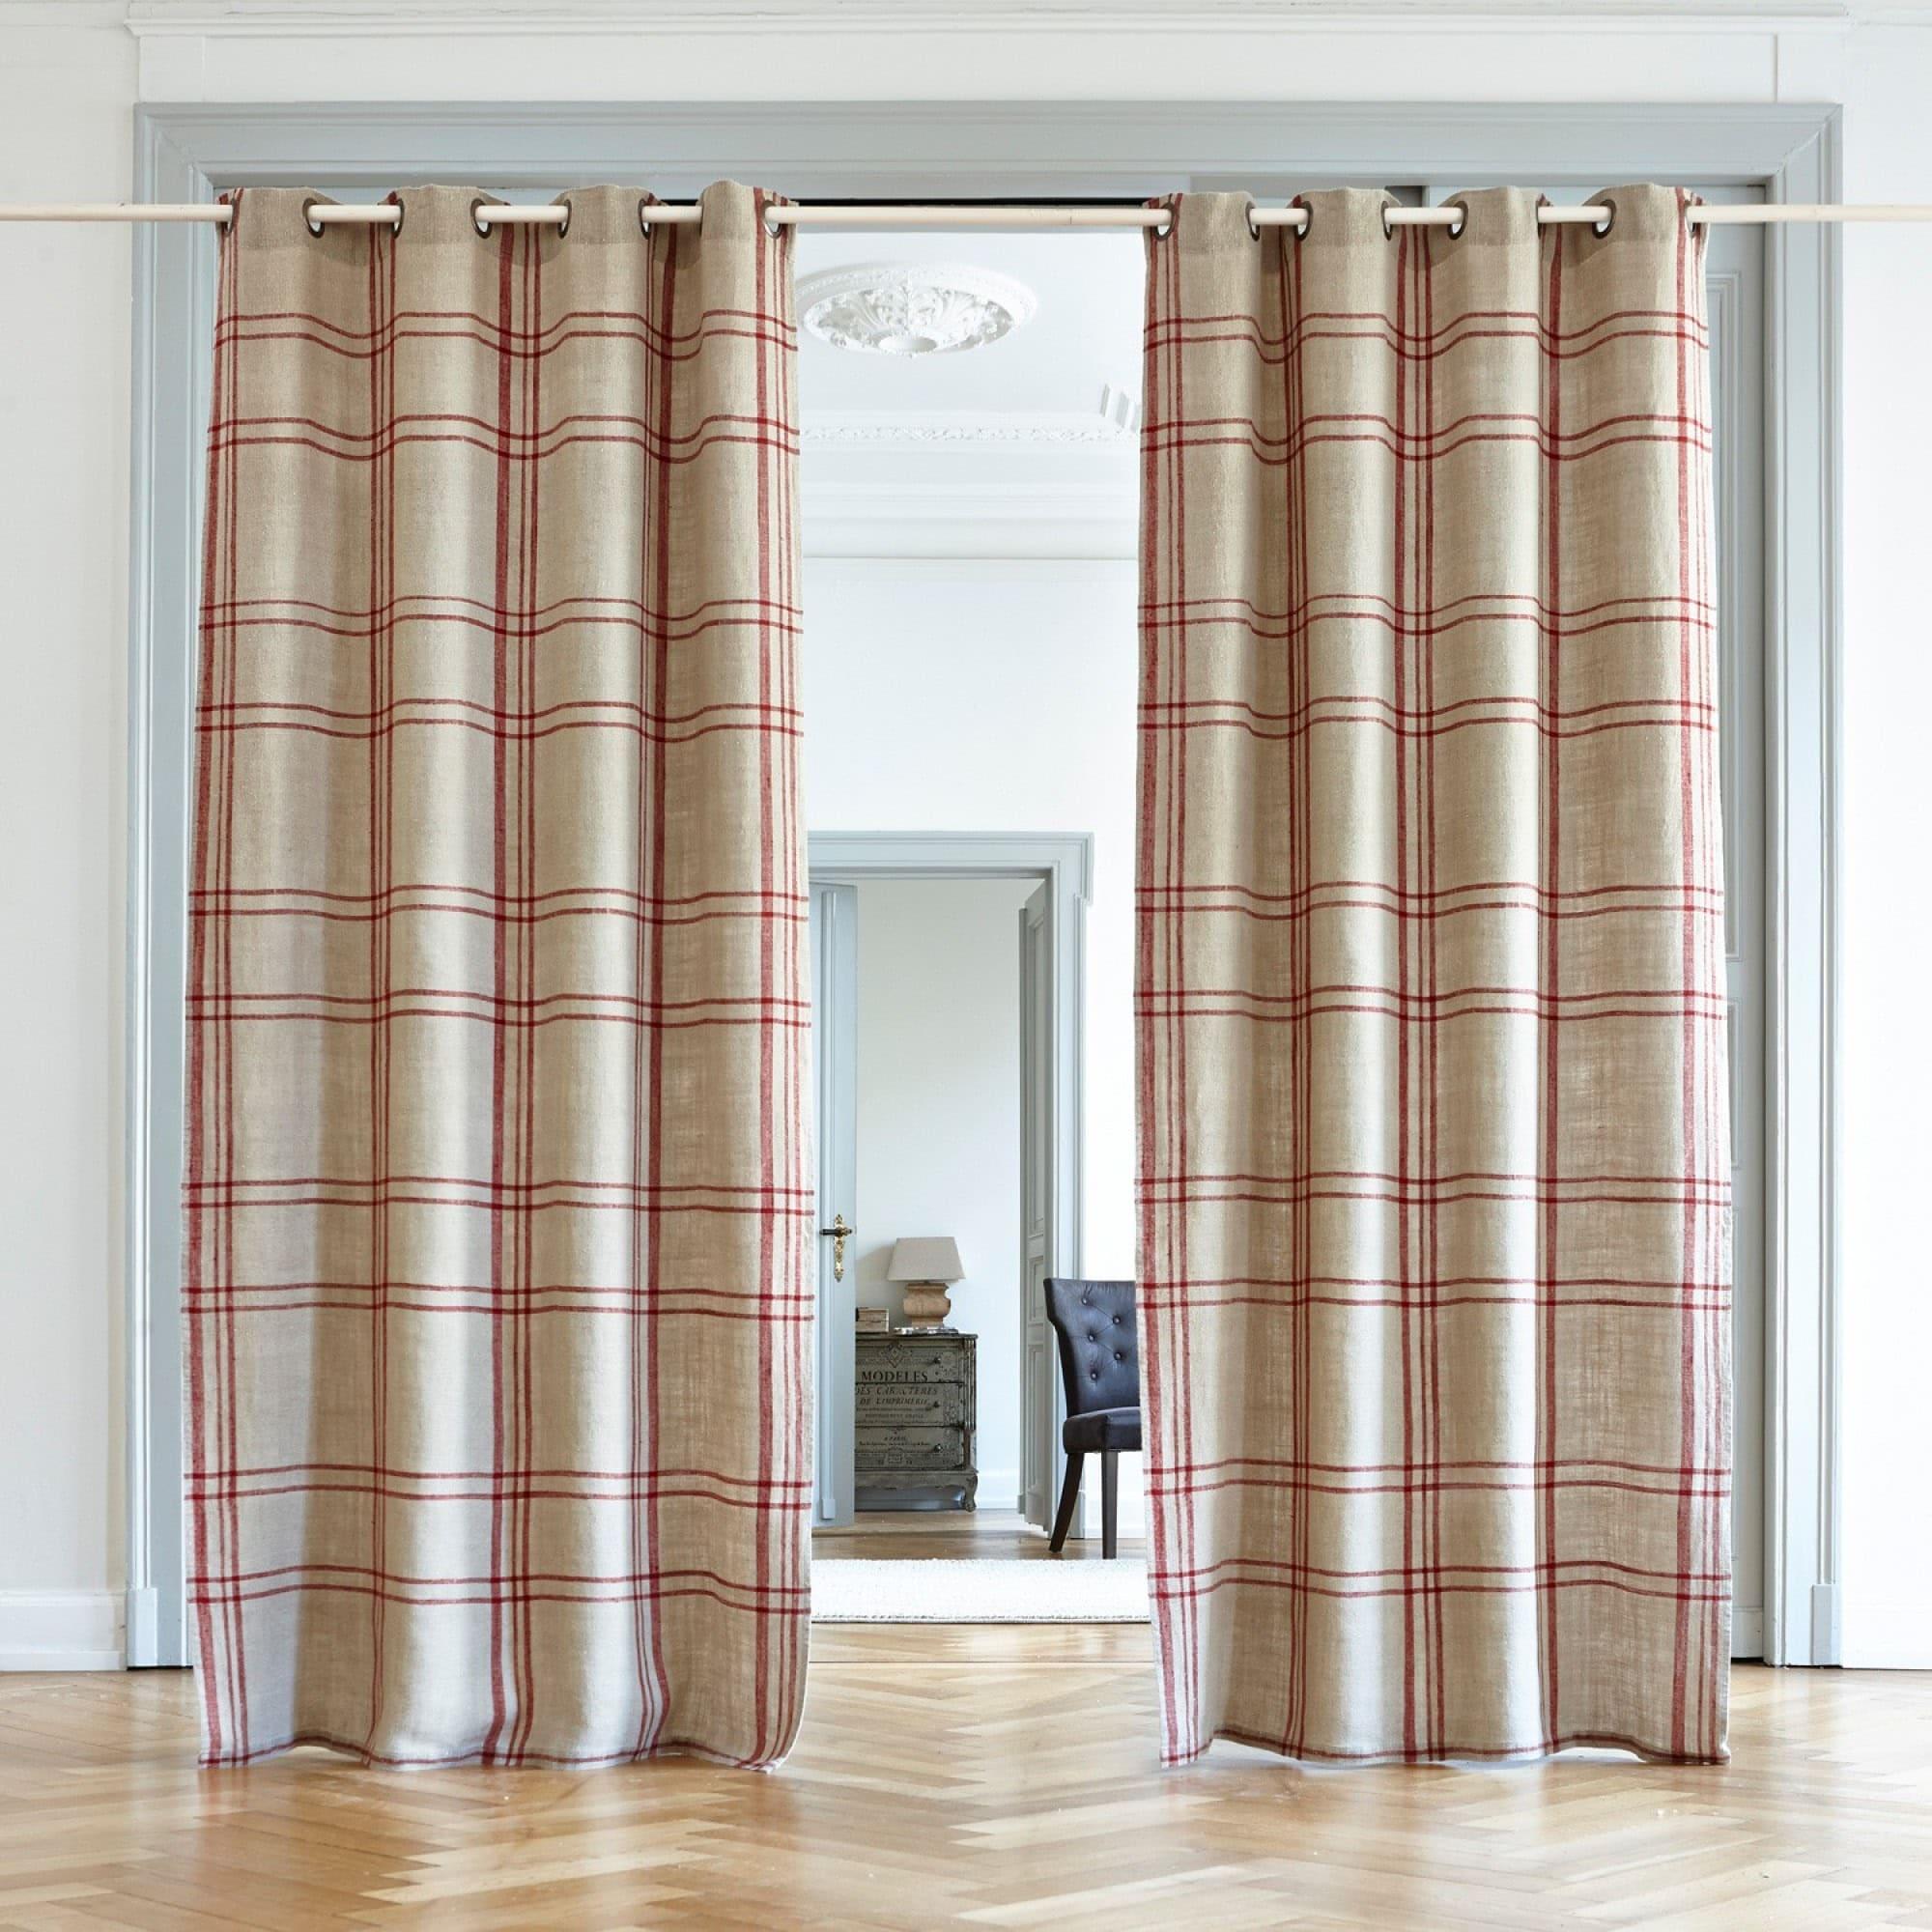 gardine goudet loberon coming home. Black Bedroom Furniture Sets. Home Design Ideas